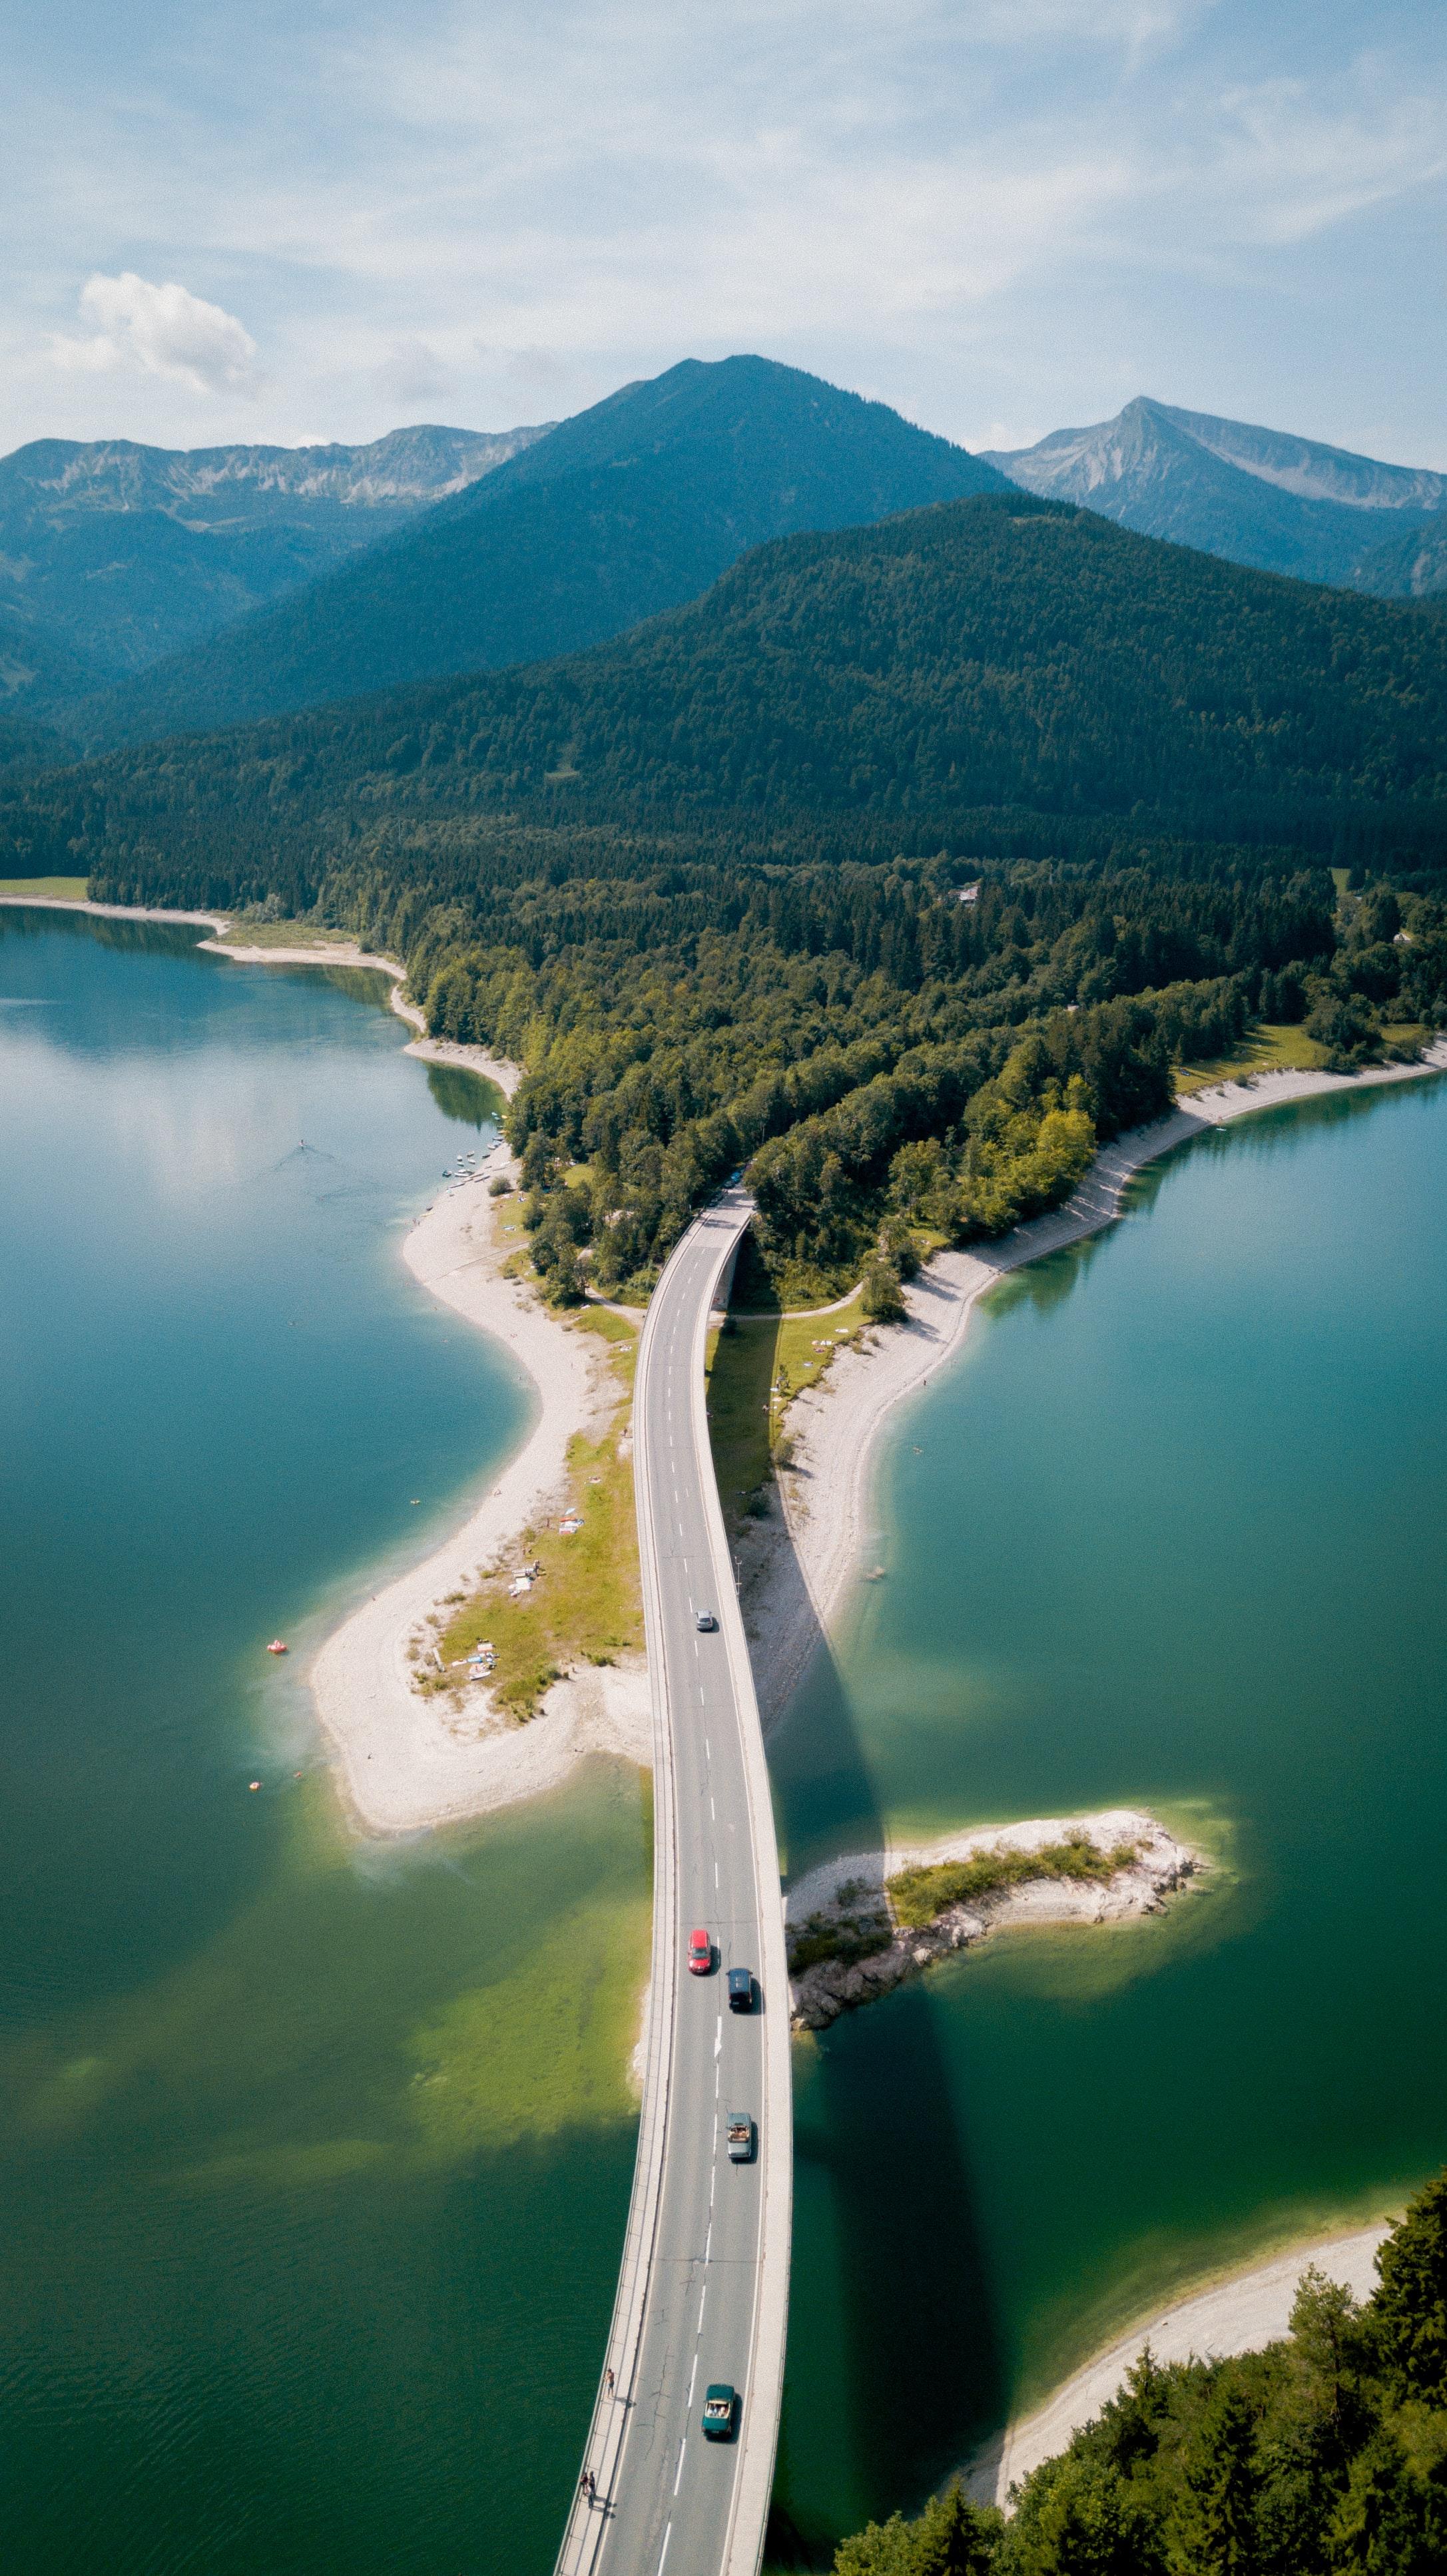 127661 économiseurs d'écran et fonds d'écran Rivières sur votre téléphone. Téléchargez Rivières, Nature, Montagnes, Vue D'en-Haut, Vue D'En Haut, Forêt, Pont images gratuitement